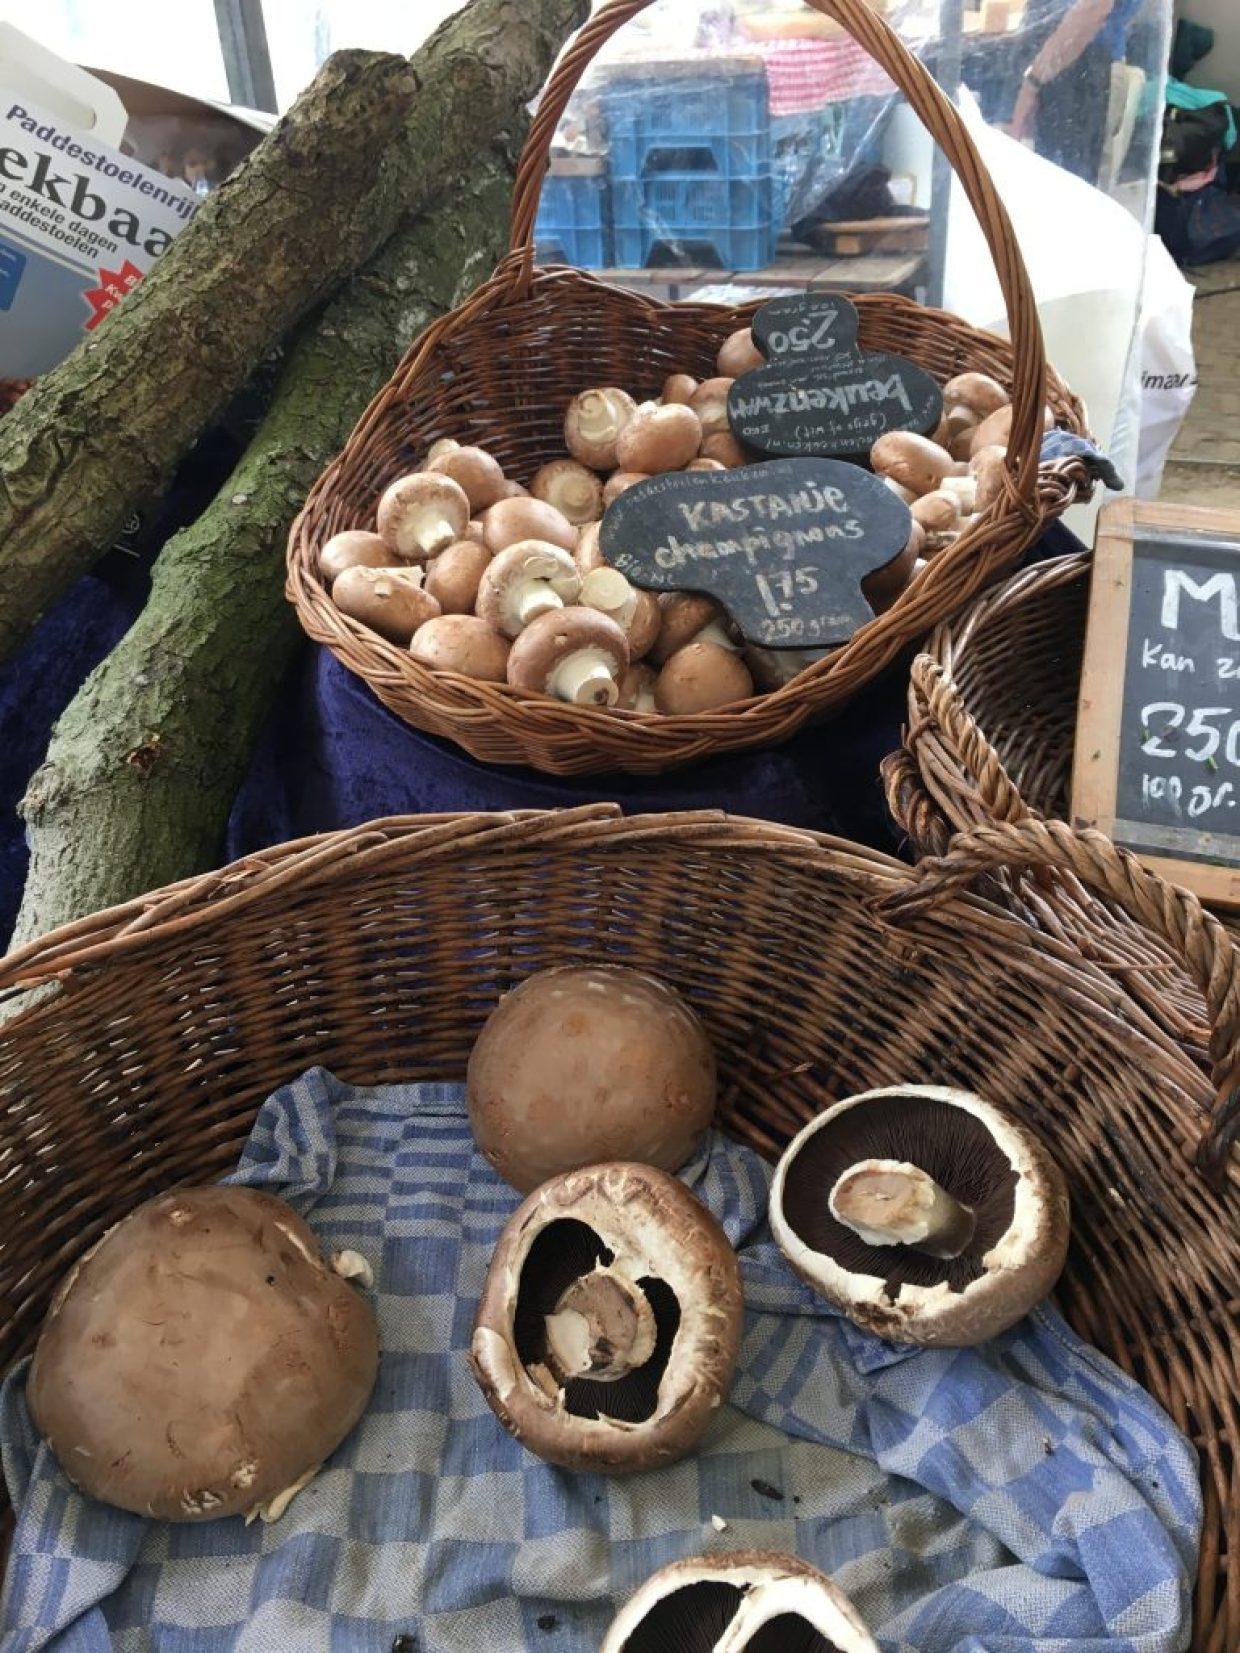 Cogumelos no Noordermarkt, Amsterdam